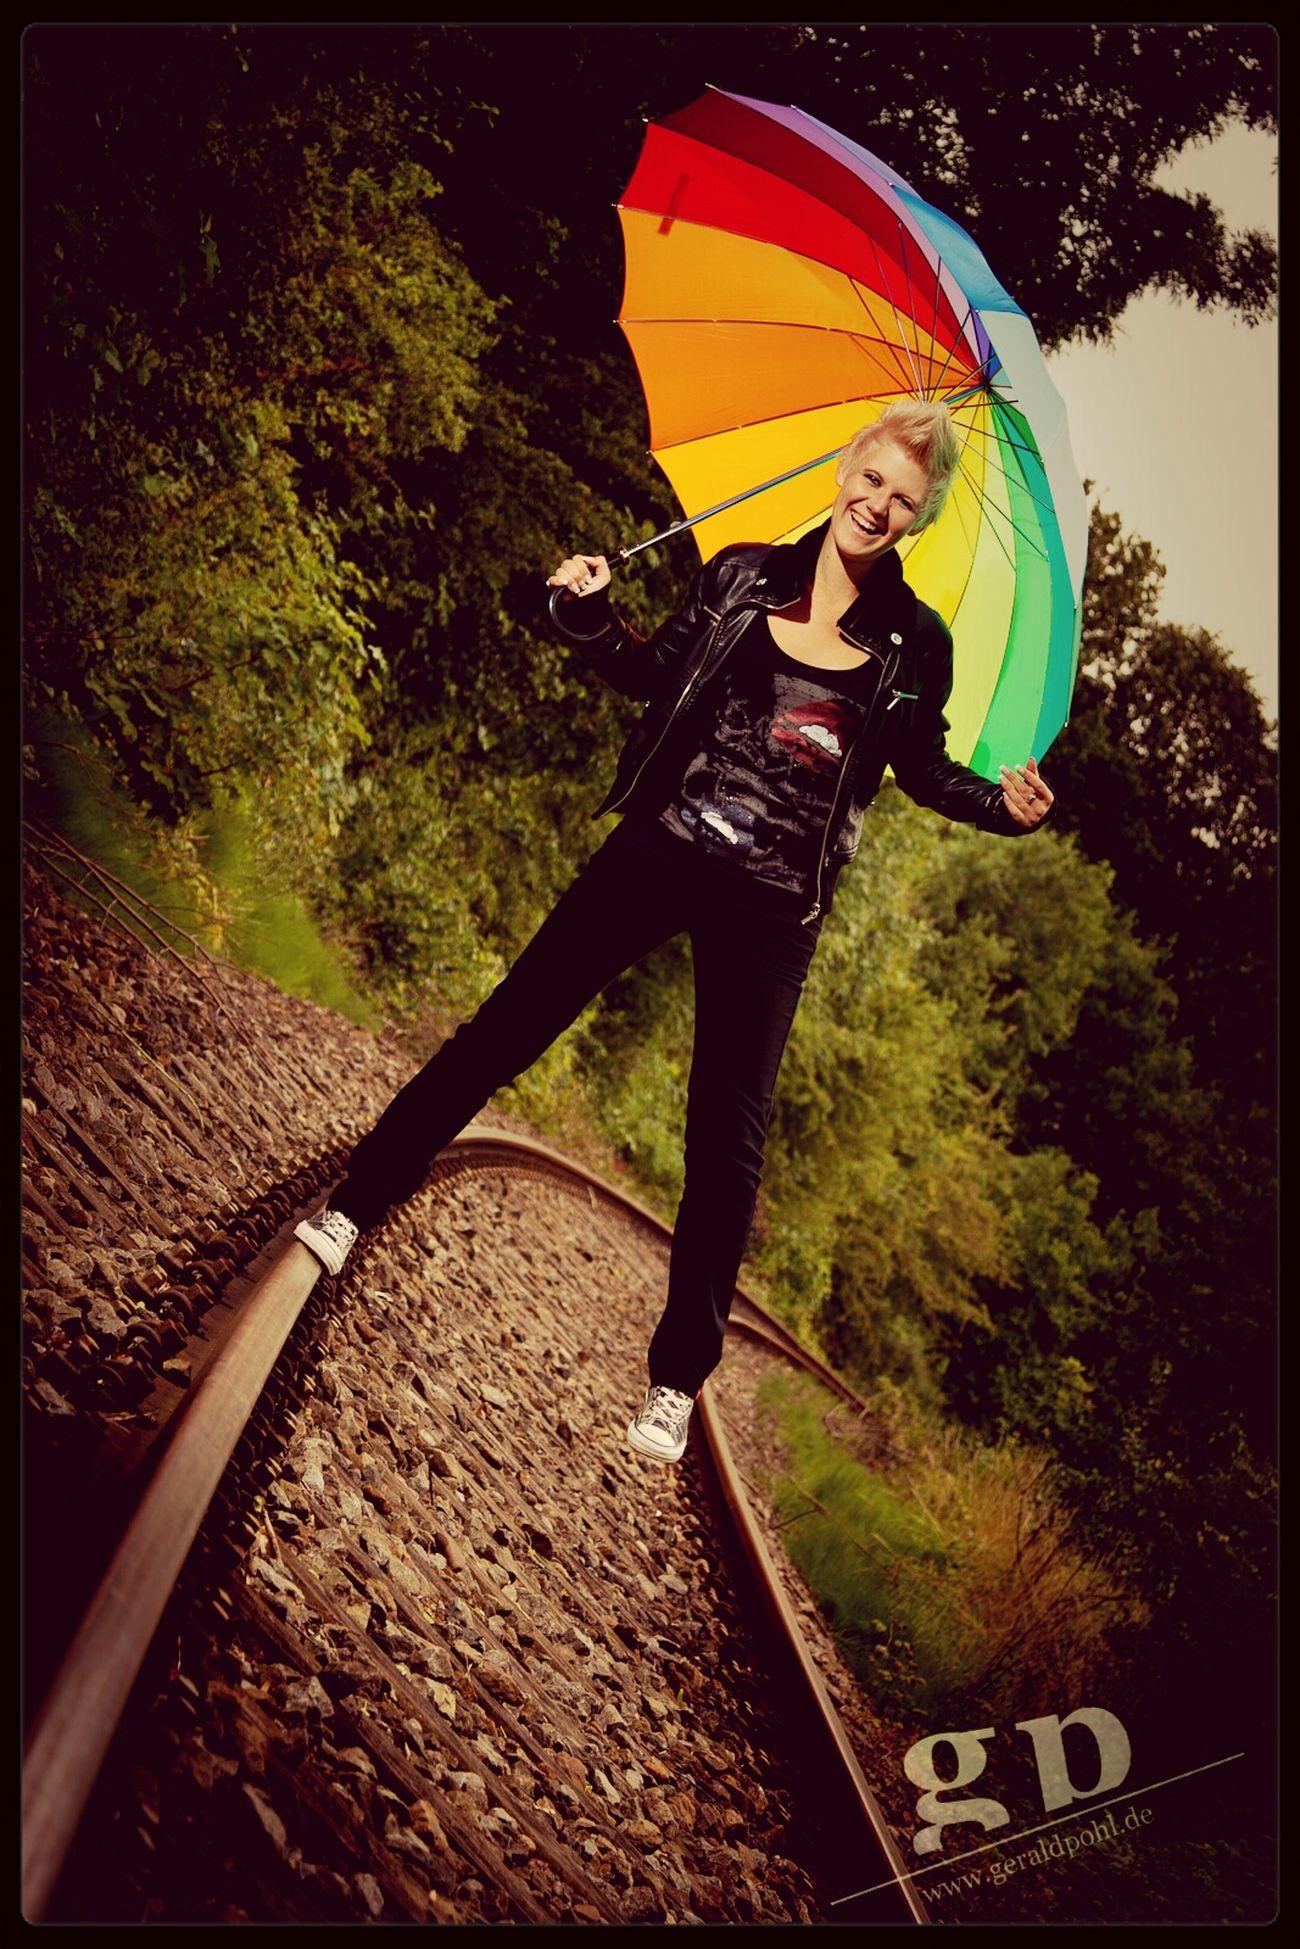 Littlebubble89 Shooting Gleise Regenschirm